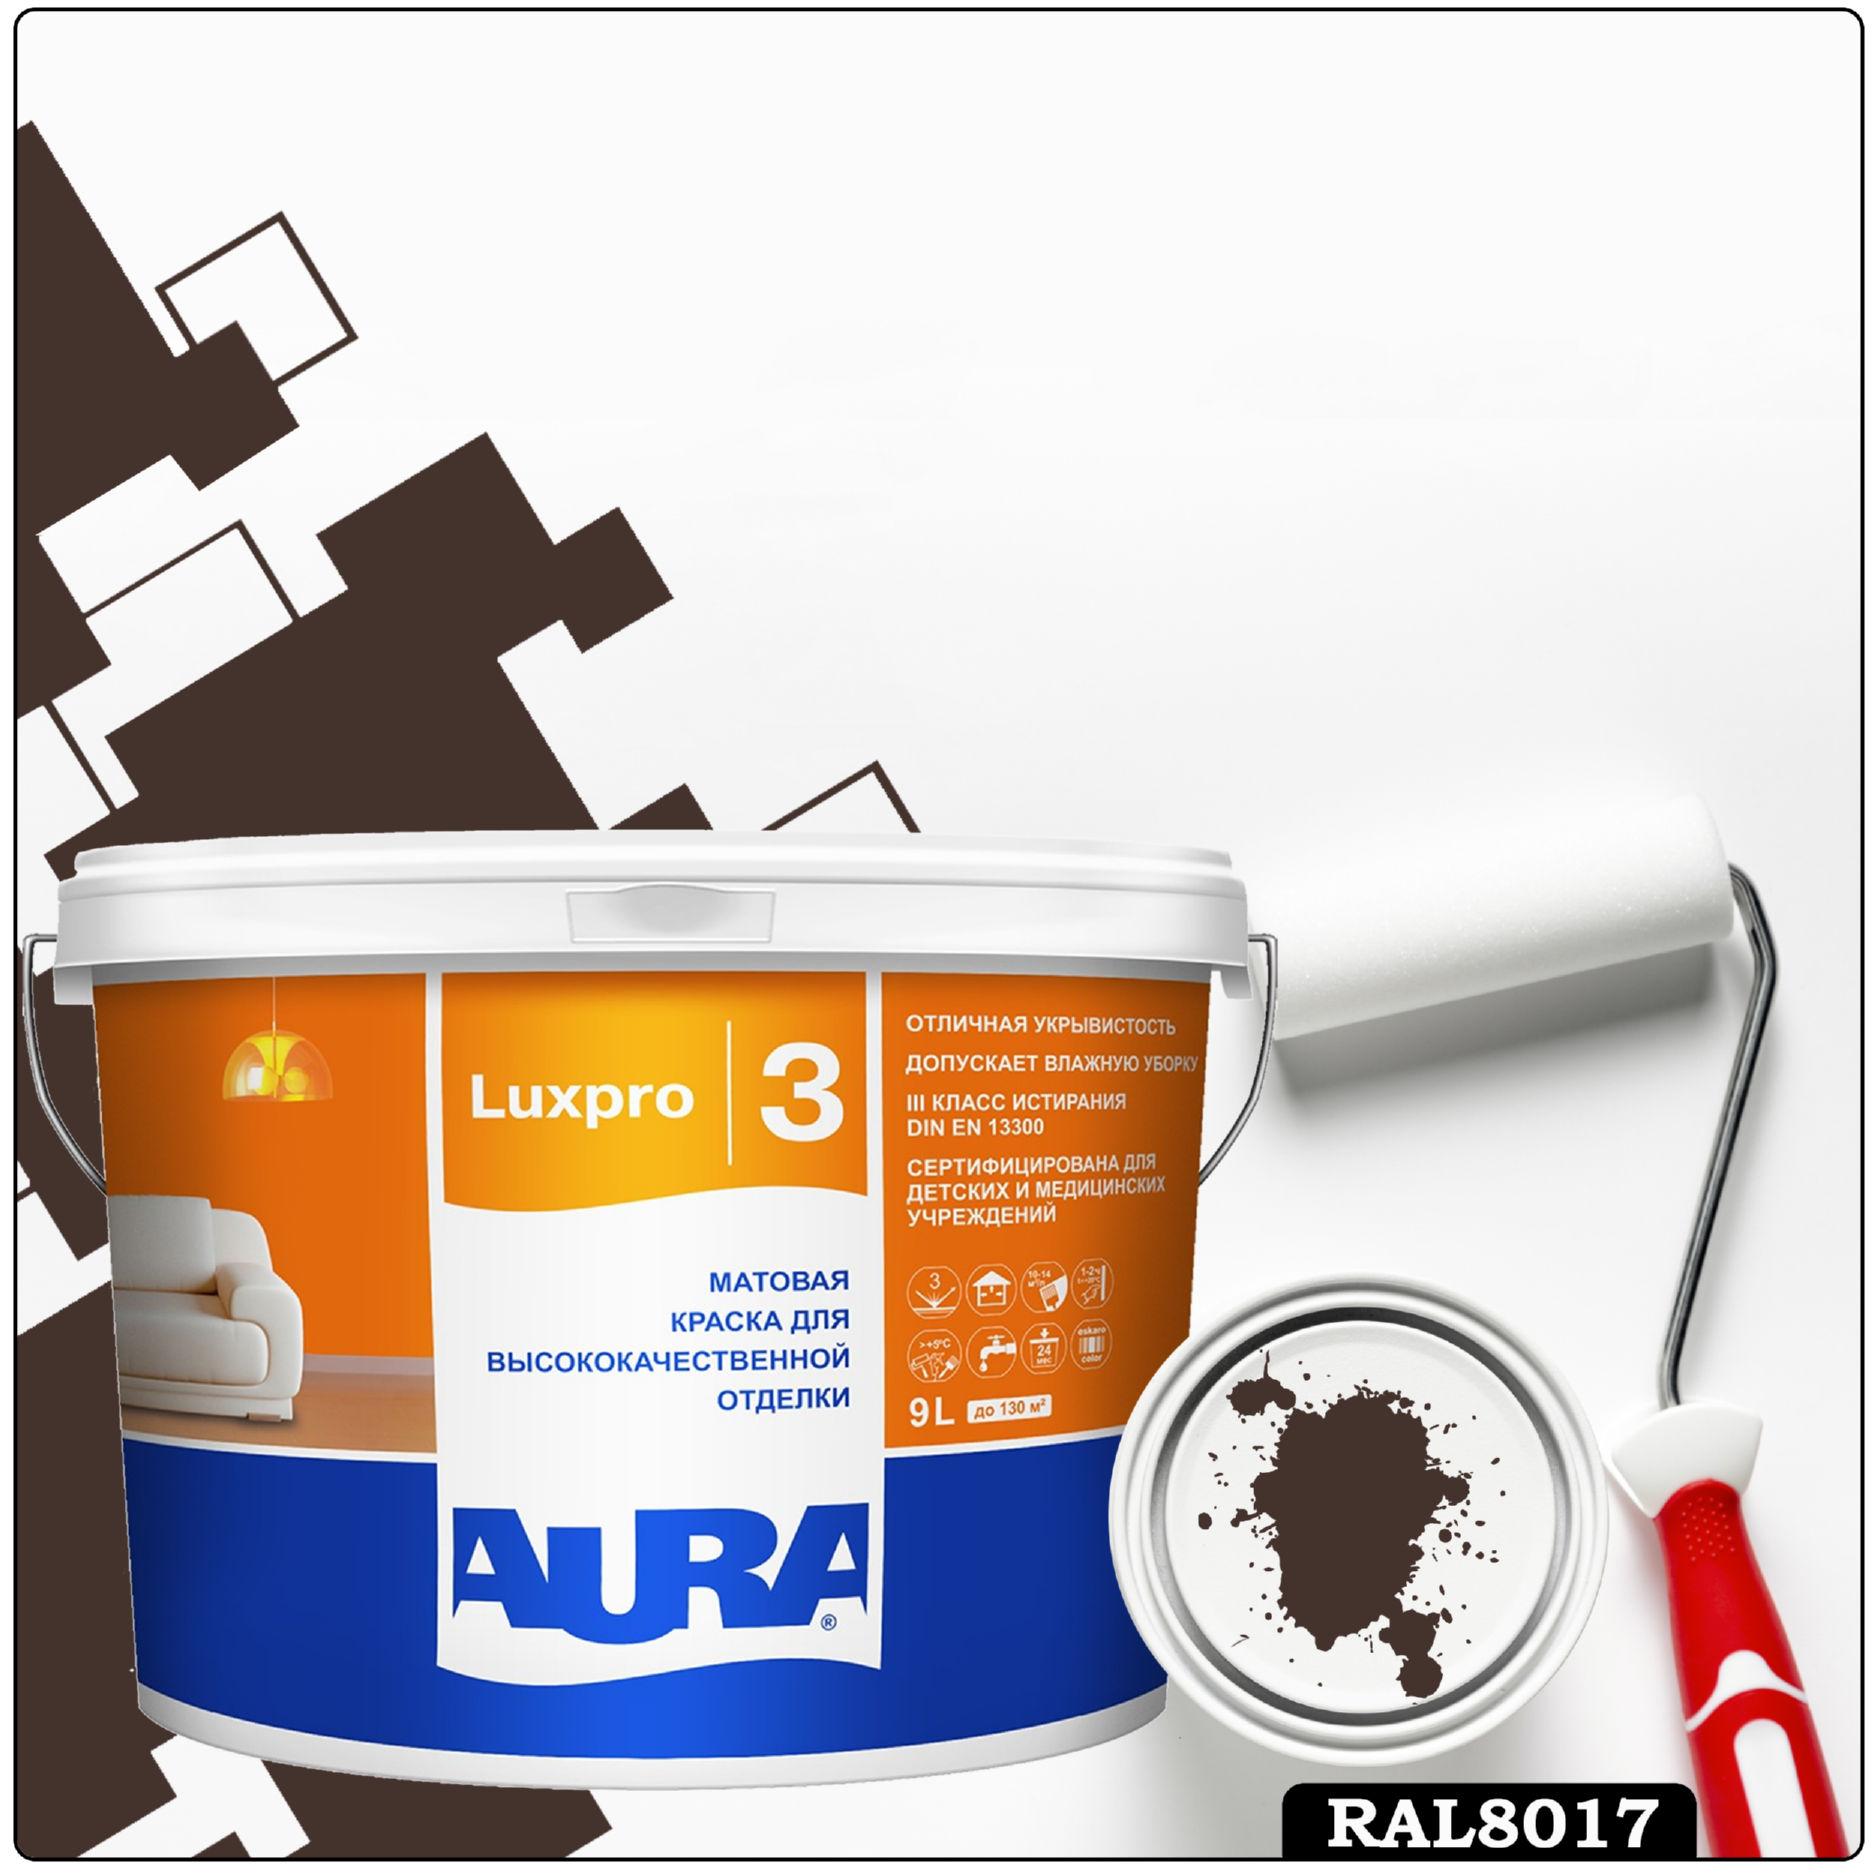 Фото 2 - Краска Aura LuxPRO 3, RAL 8017 Шоколадно-коричневый, латексная, шелково-матовая, интерьерная, 9л, Аура.